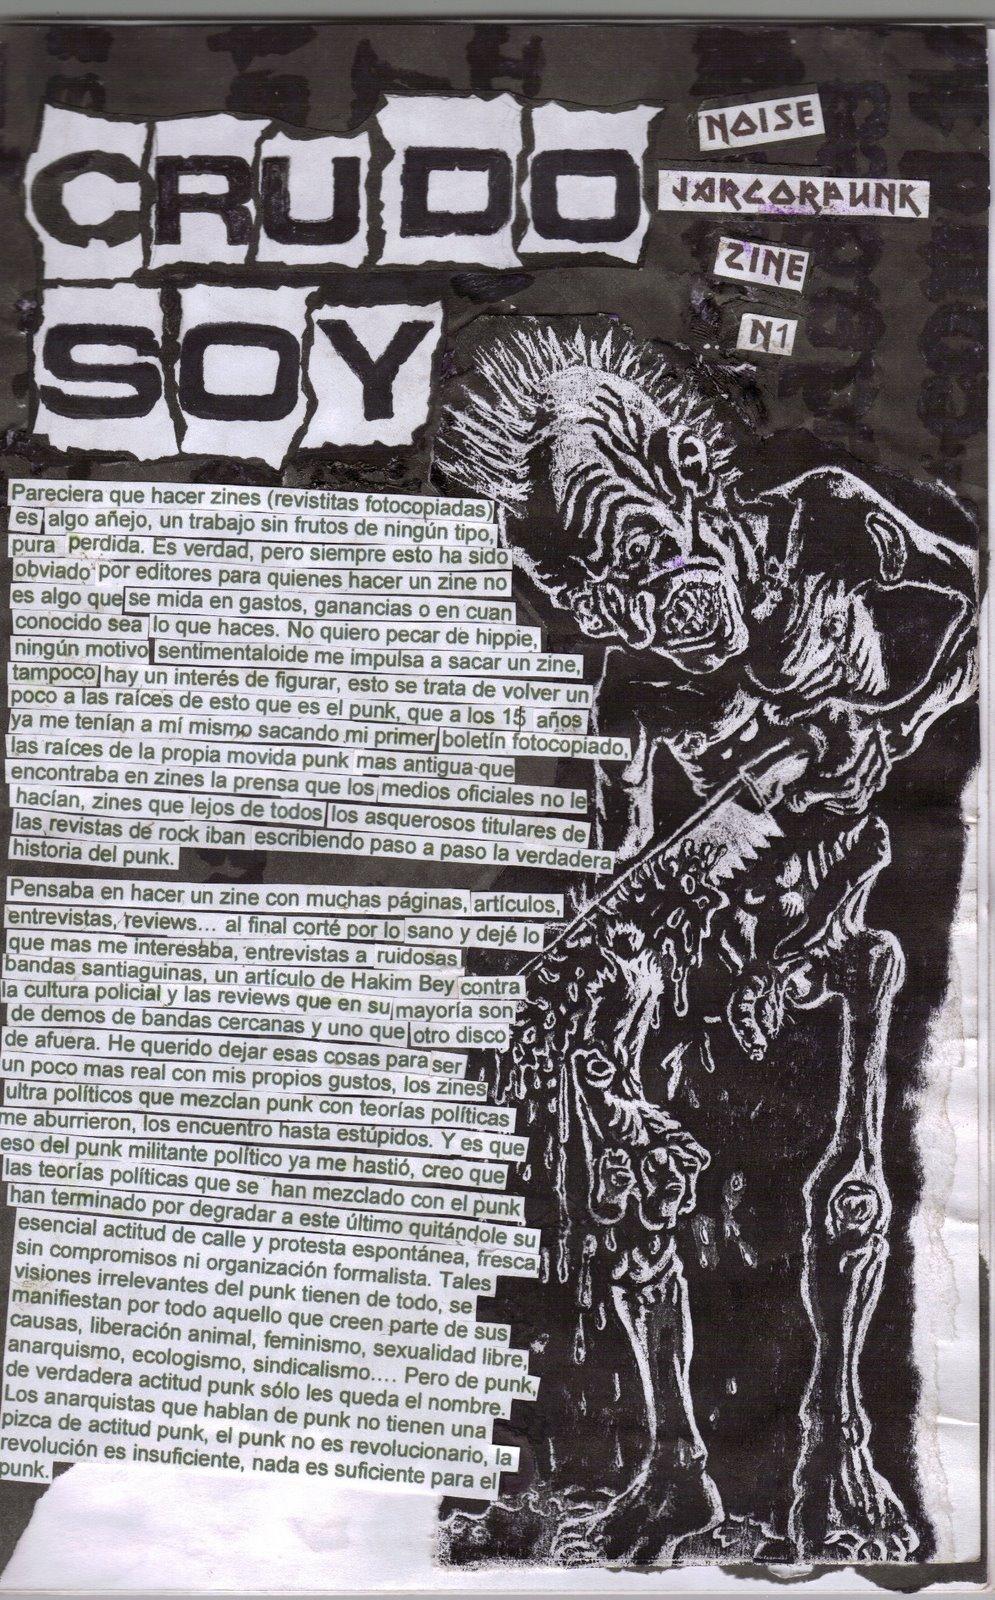 CRUDO SOY #1/2. Verano 2009